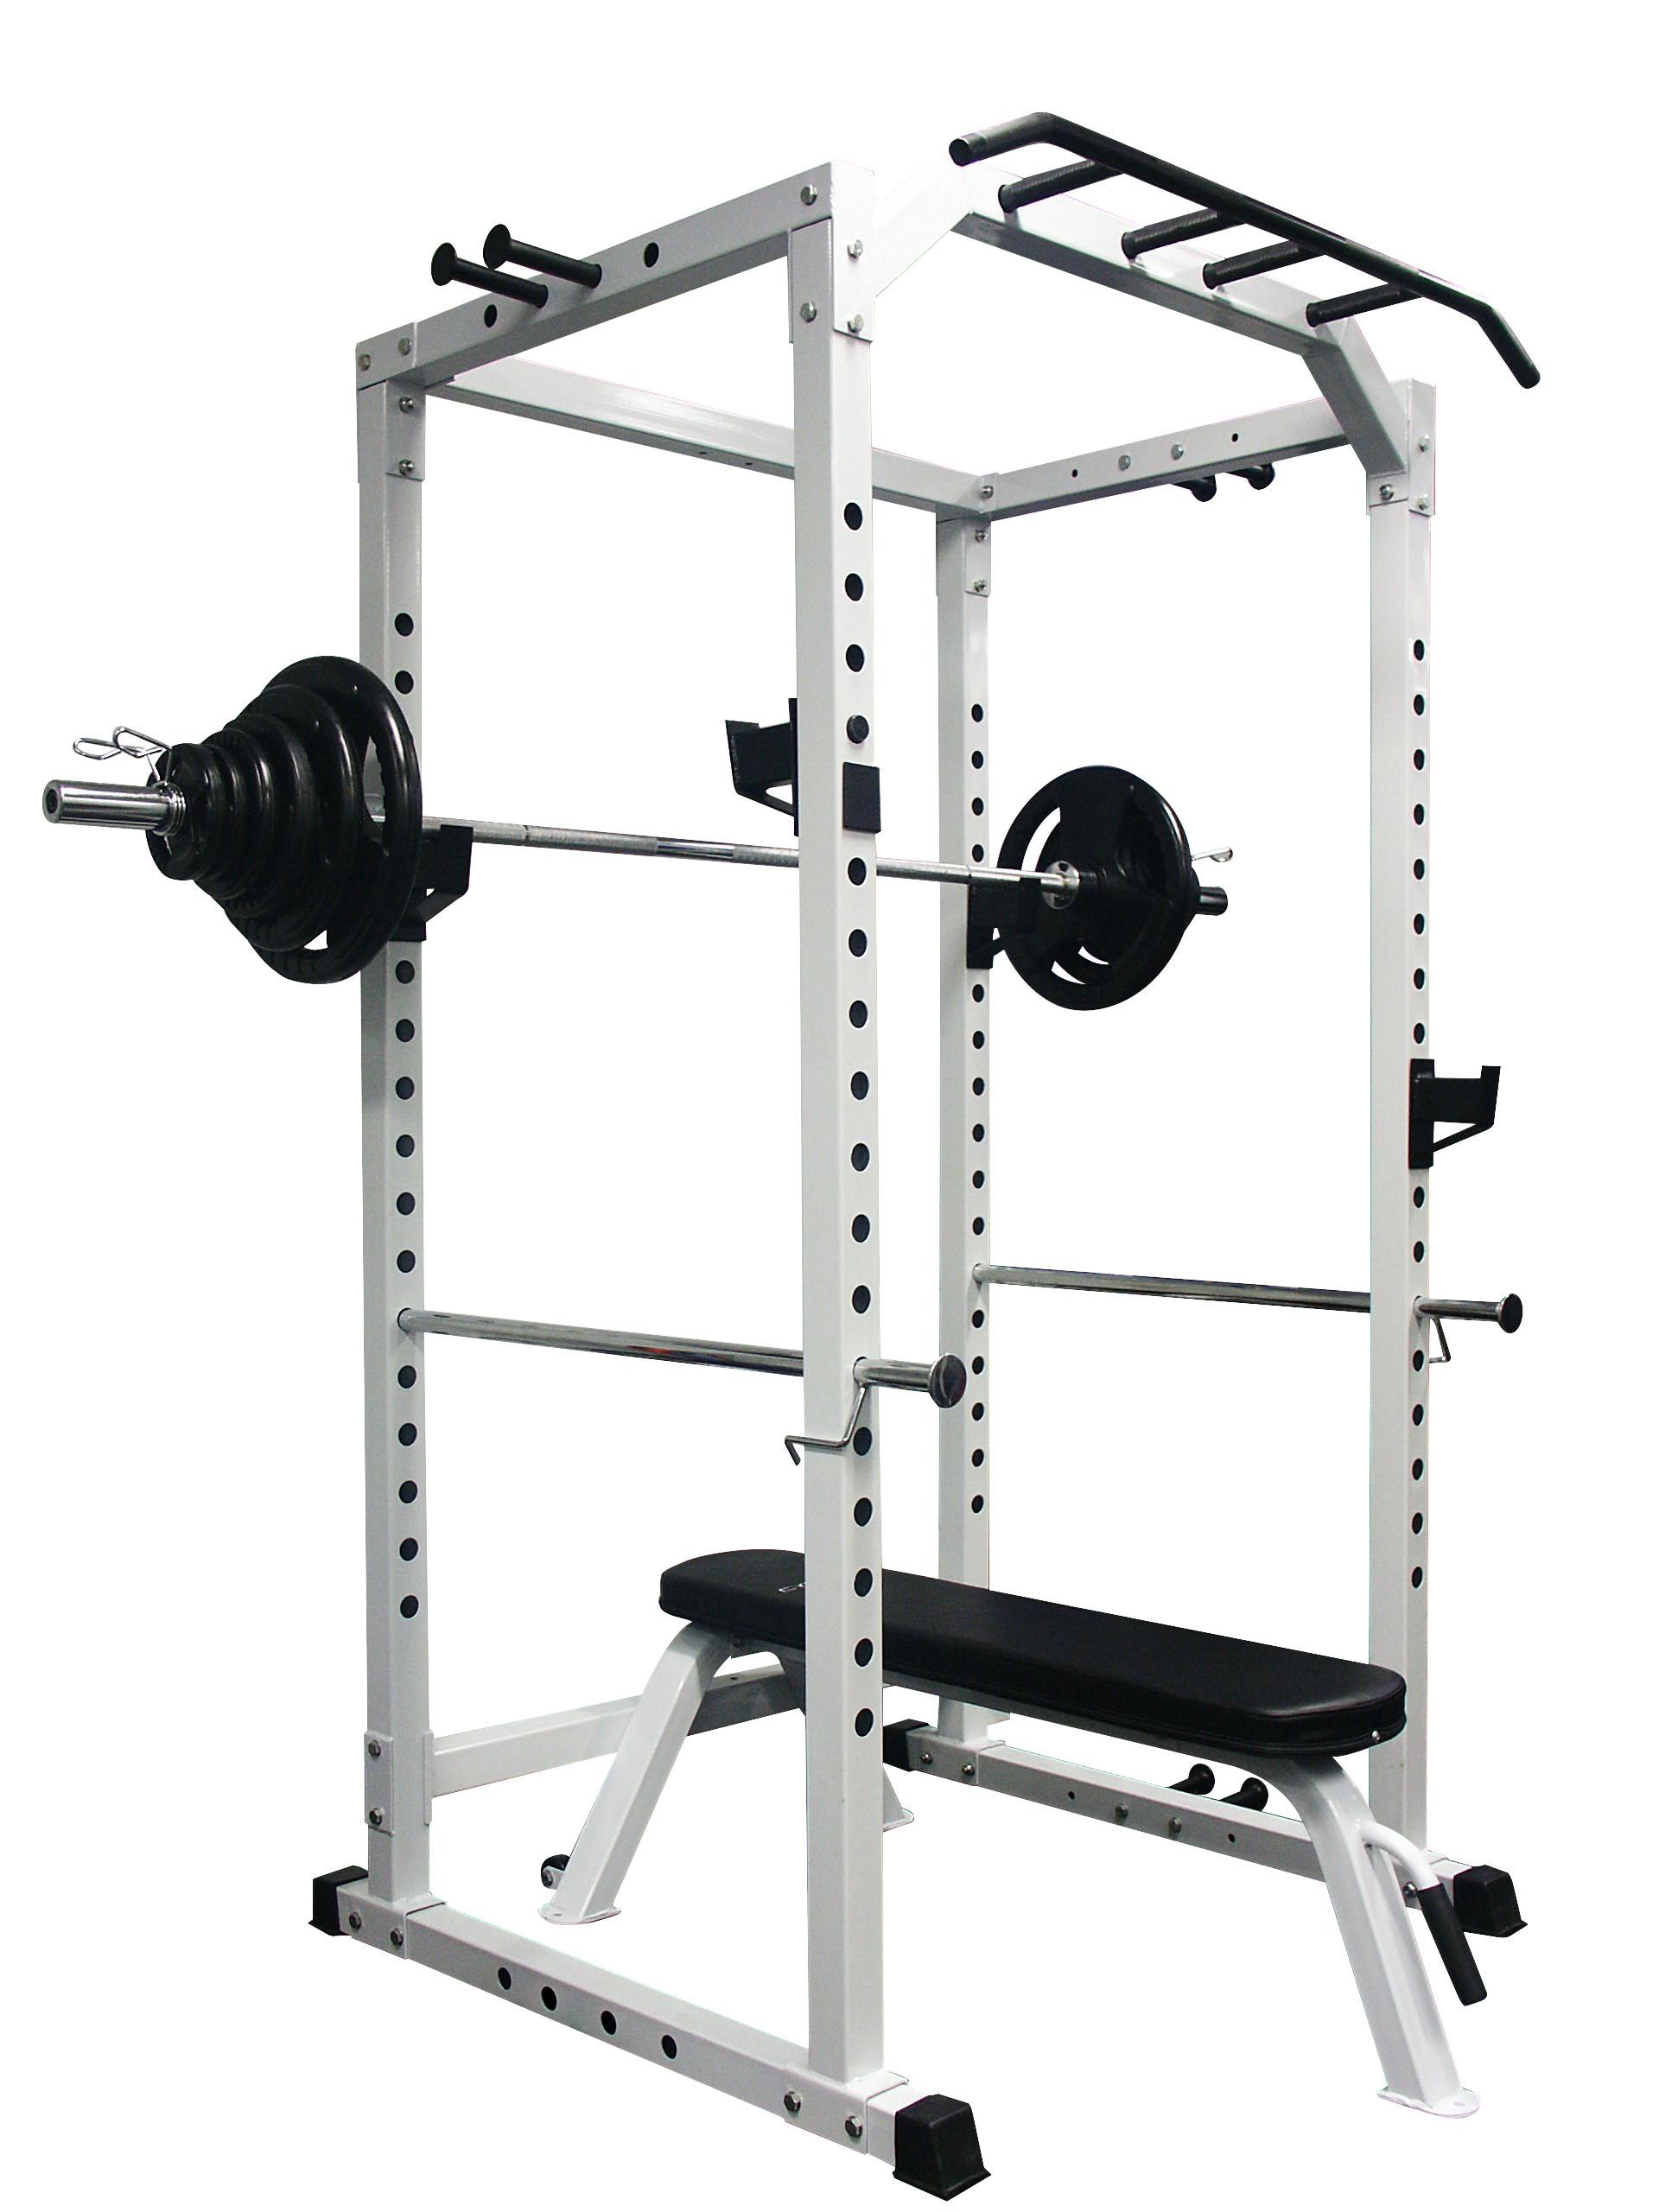 7880b333485 Power racks - the ultimate home gym